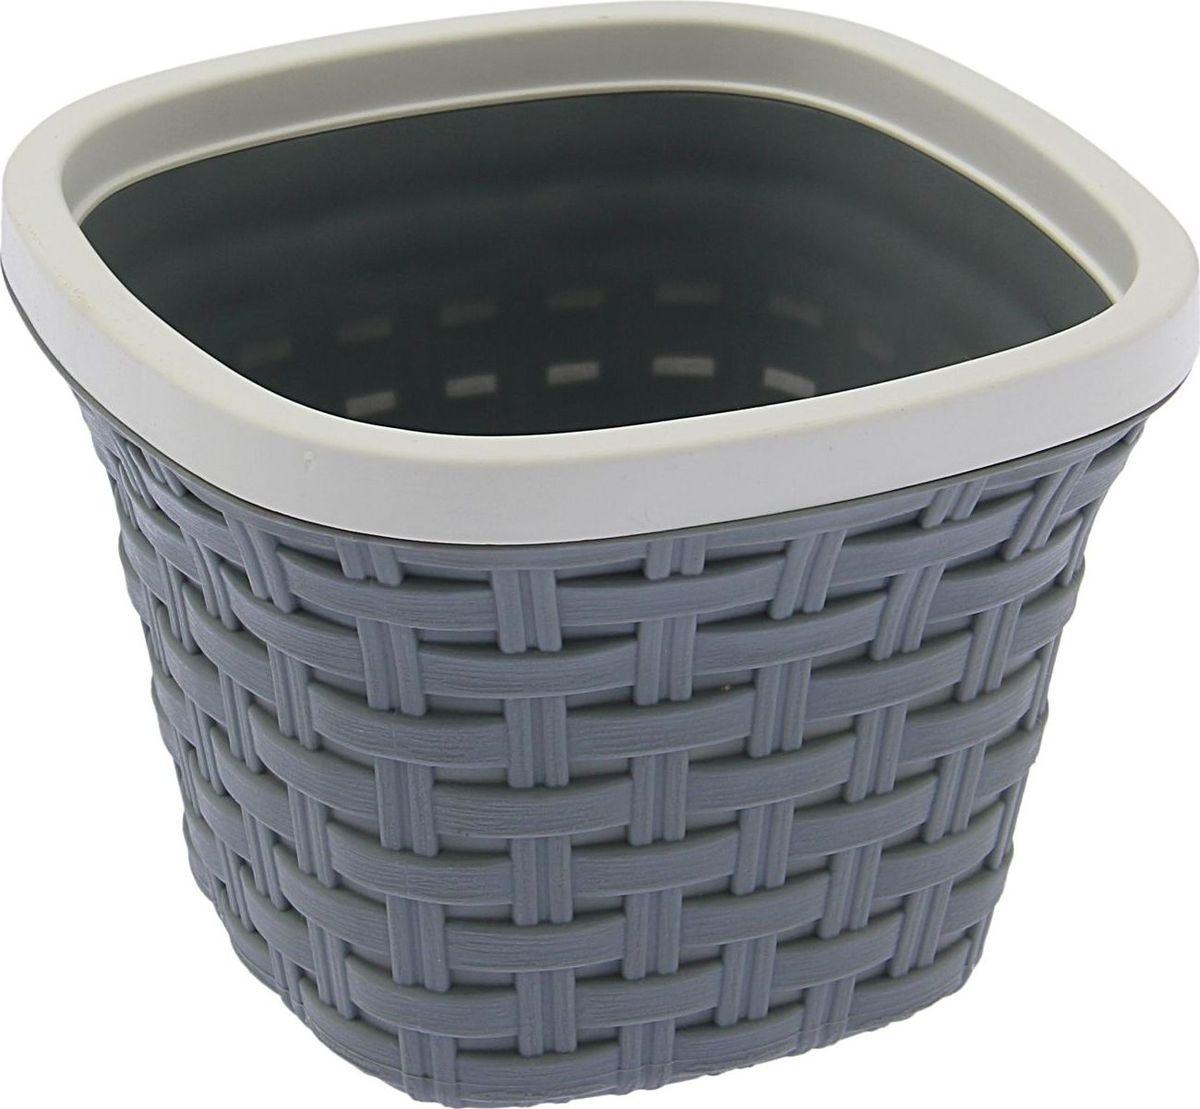 Кашпо квадратное Violet Ротанг, с дренажной системой, цвет: серый, 1,3 л531-303Квадратное кашпо Violet Ротанг изготовлено из высококачественного пластика и оснащено дренажной системой для быстрого отведения избытка воды при поливе. Изделие прекрасно подходит для выращивания растений и цветов в домашних условиях. Объем: 1,3 л.